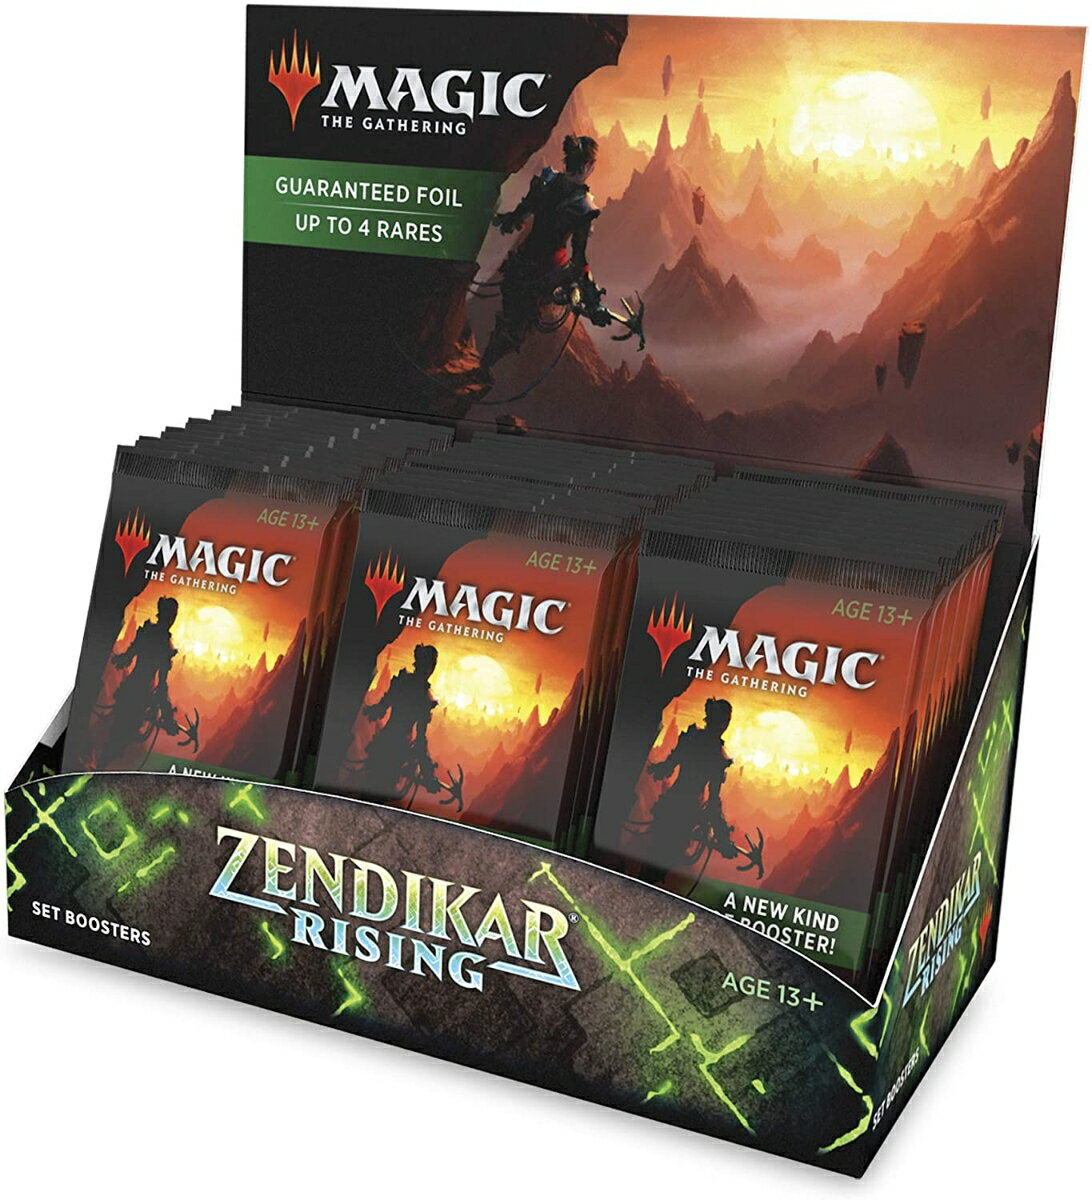 マジック:ザ・ギャザリング ゼンディカーの夜明け セット・ブースター 英語版 【30パック入りBOX】